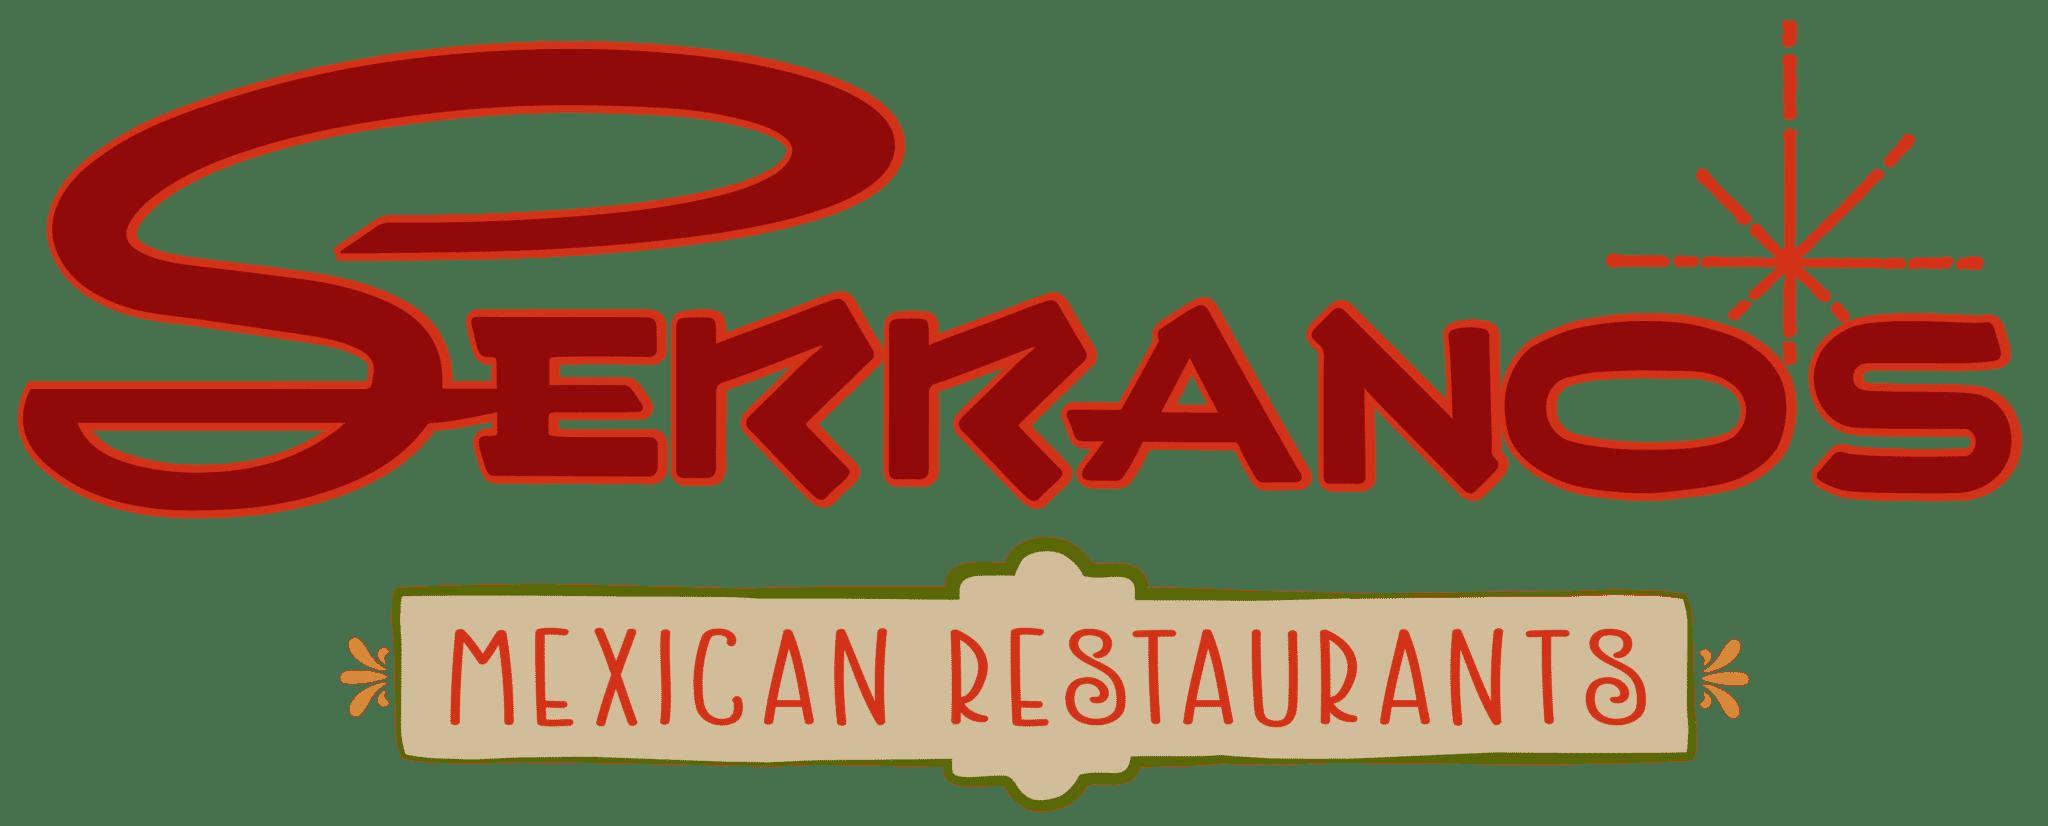 Serrano's Mexican Restaurants | Arizona